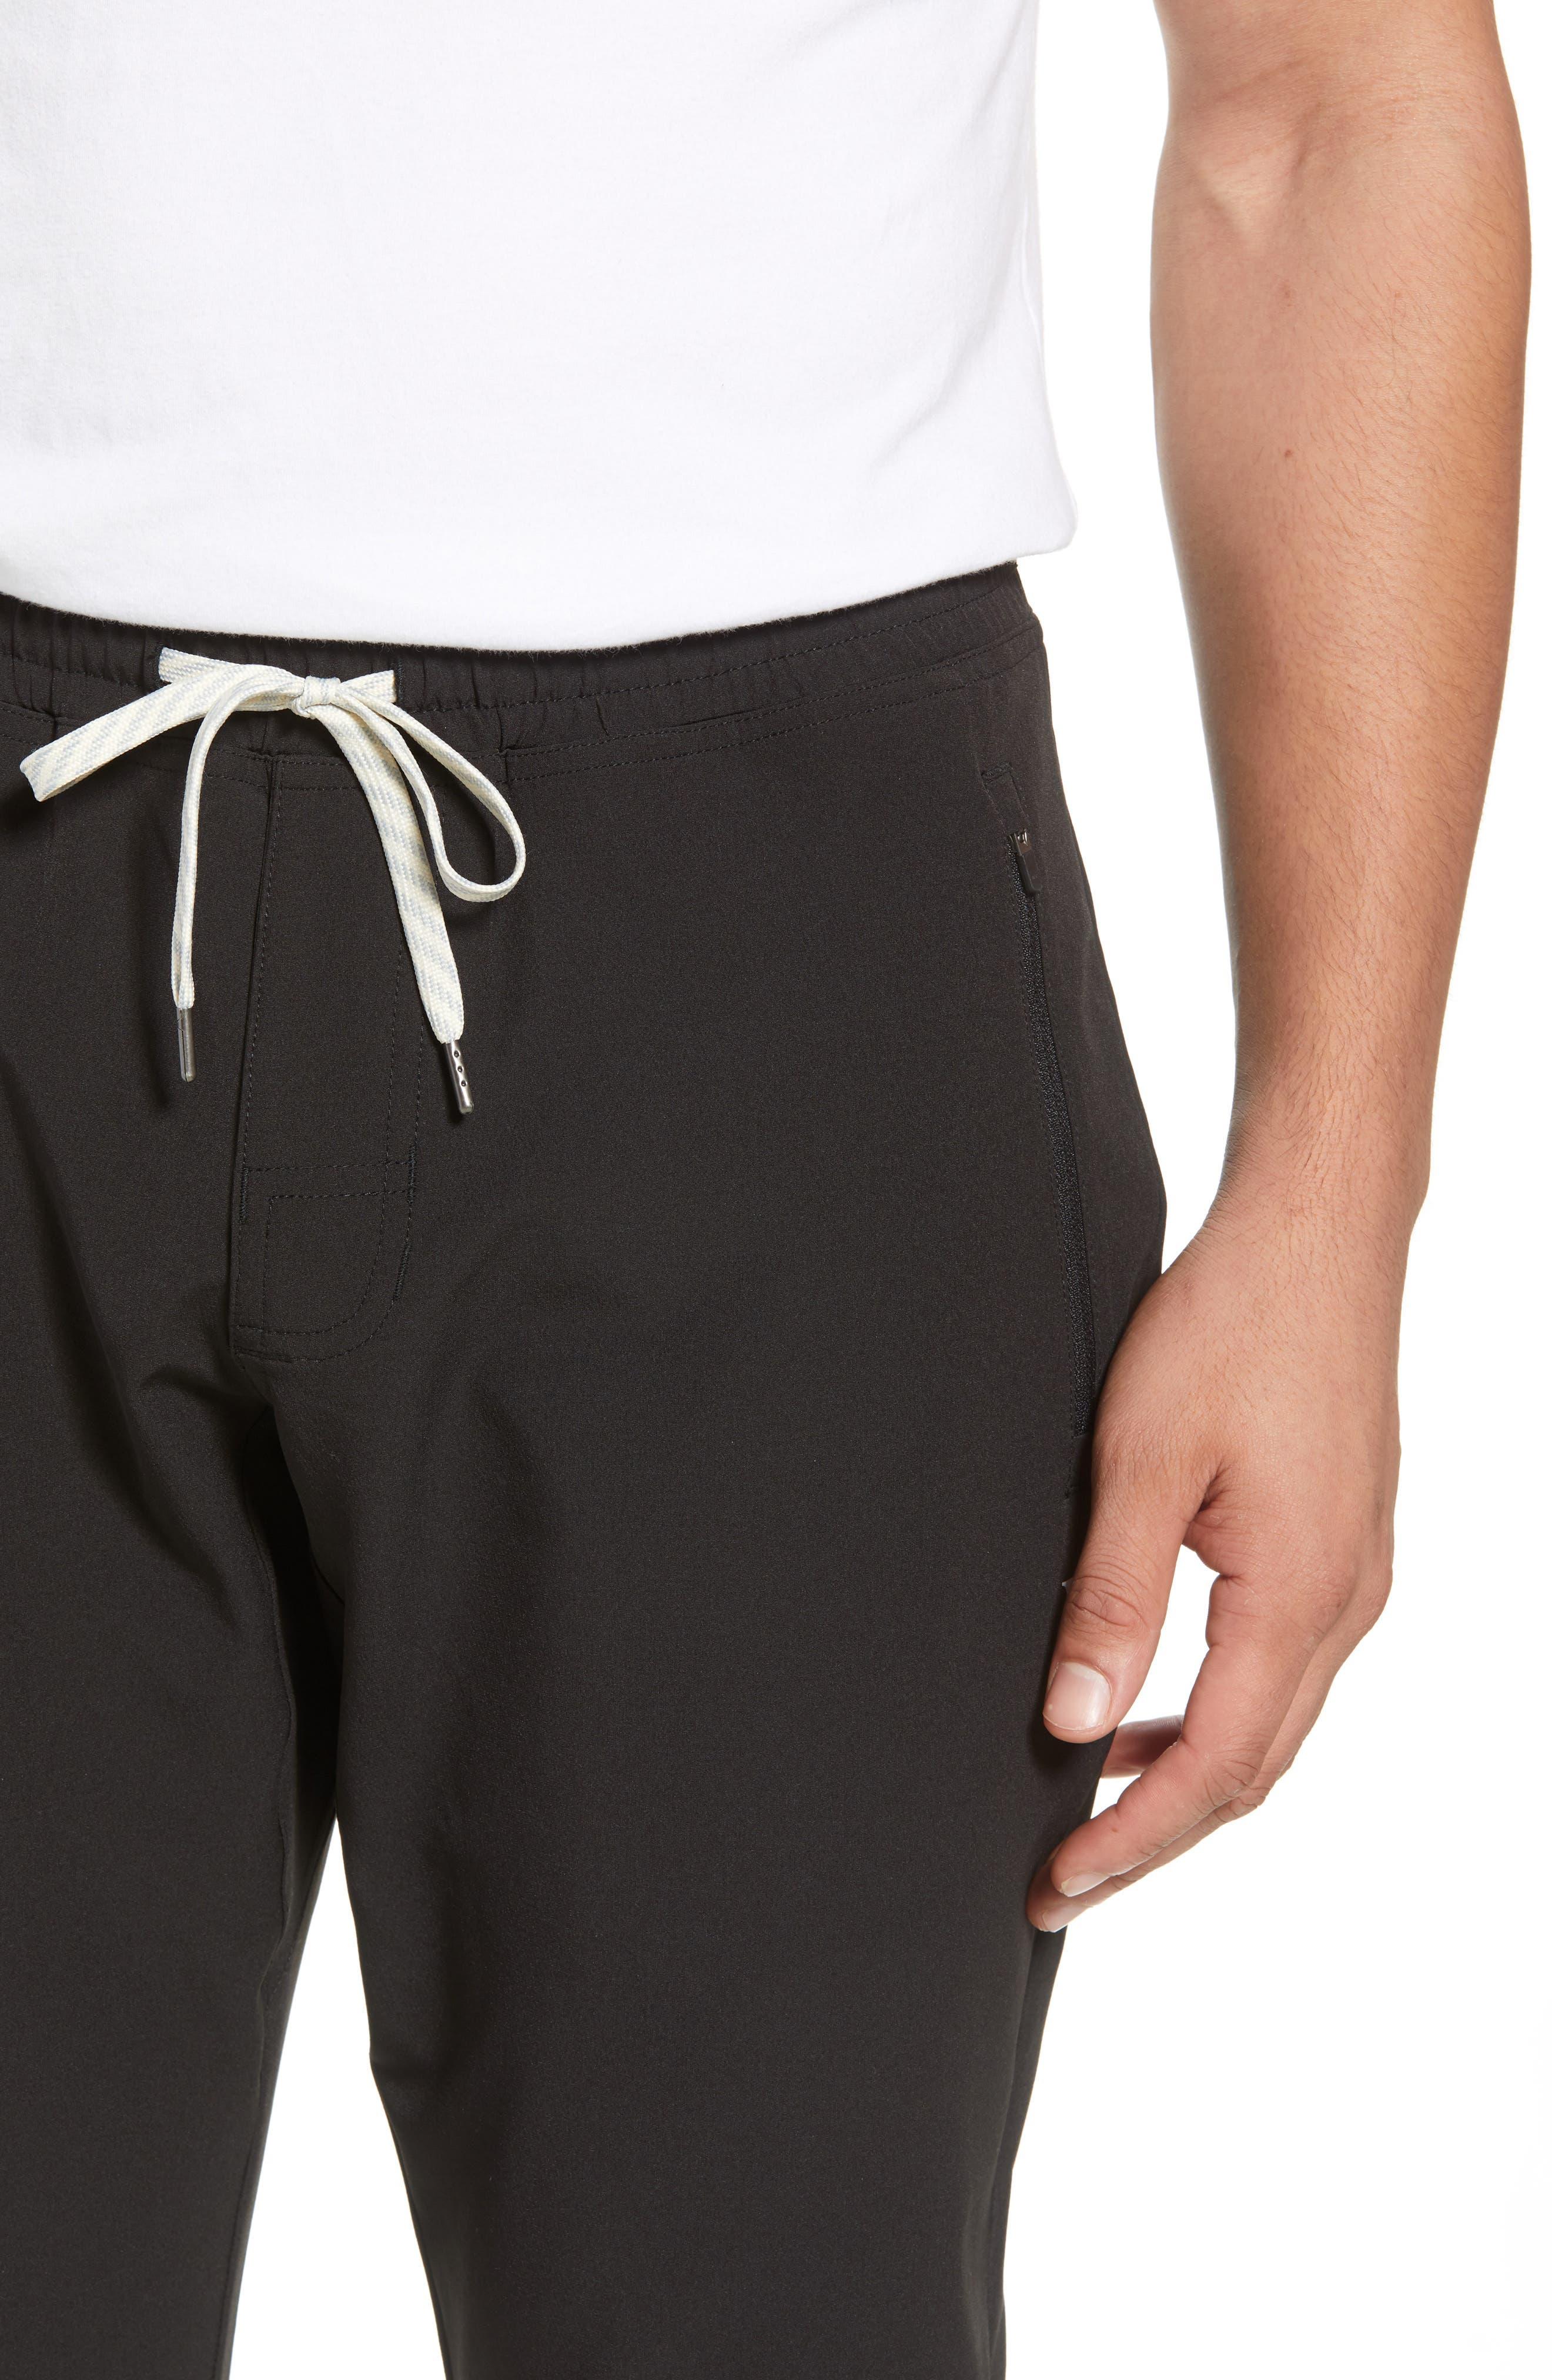 Transit Jogger Pants,                             Alternate thumbnail 4, color,                             Black